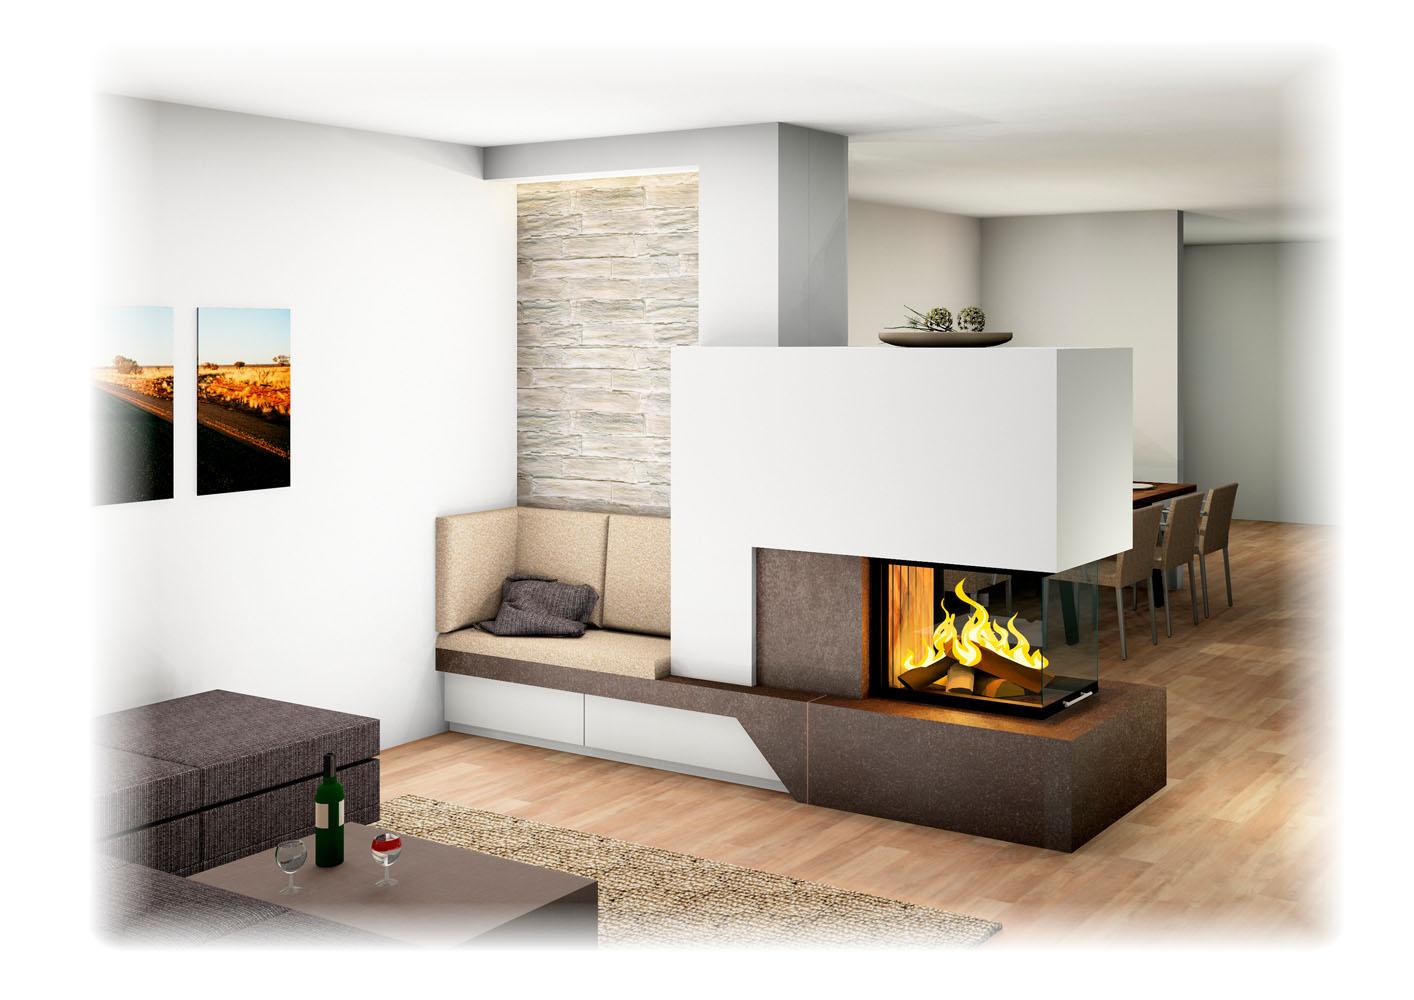 moderne kamine mit sitzbank kaminbausatz eck kamin moderner kamin hotline 7 21 uhr 0177. Black Bedroom Furniture Sets. Home Design Ideas